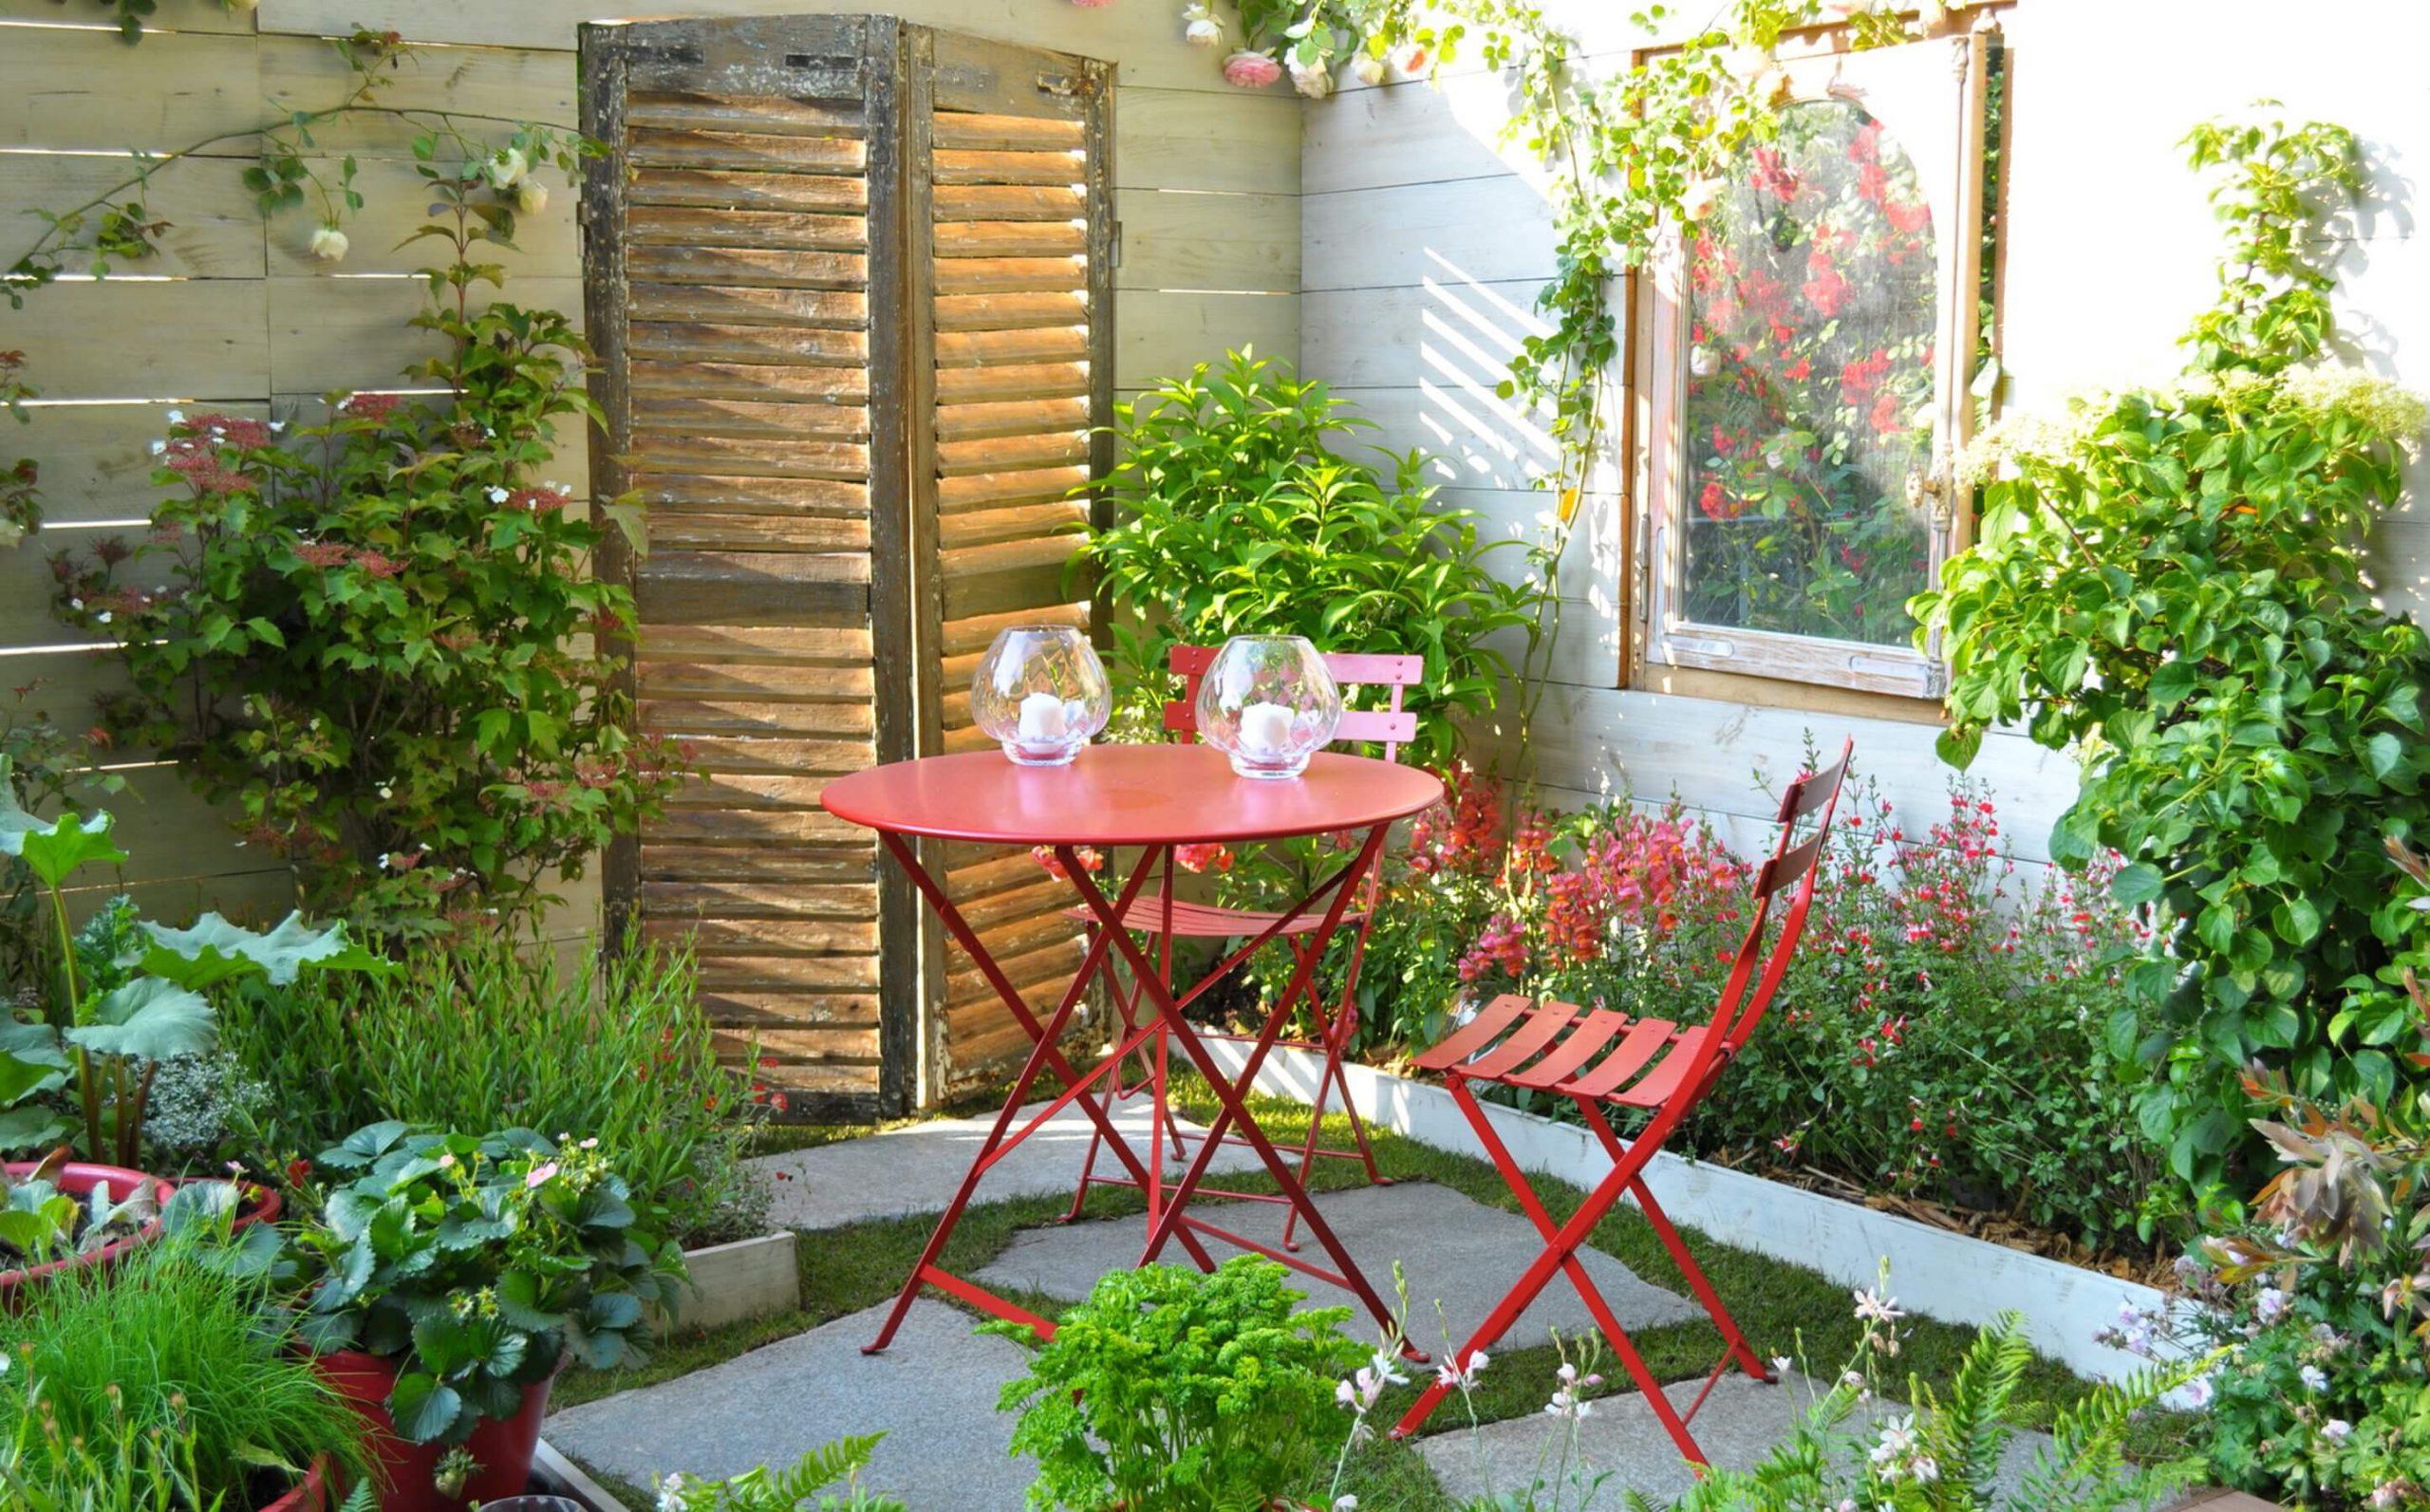 Comment Créer Un Petit Jardin De Ville ? - Le Blog De ... intérieur Petite Barriere Jardin